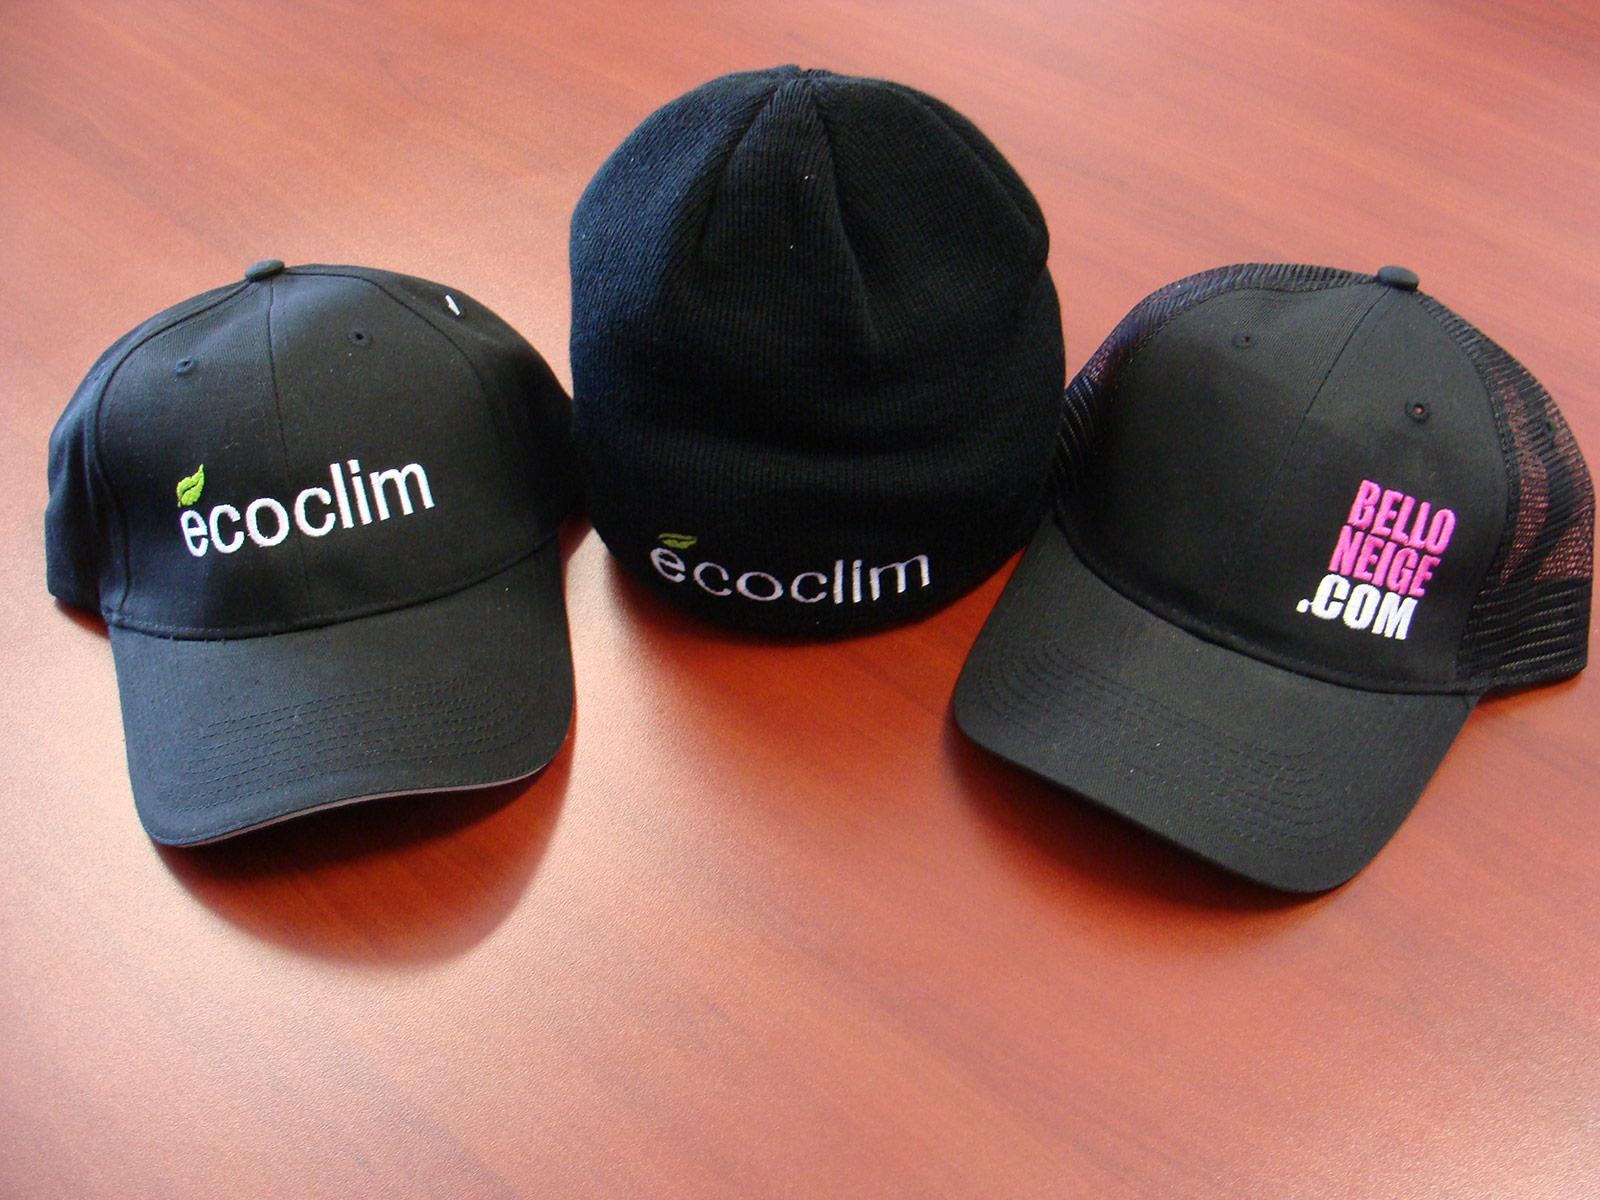 Articles promotionnels vestimentaires, pour Écoclim et BellONeige.com